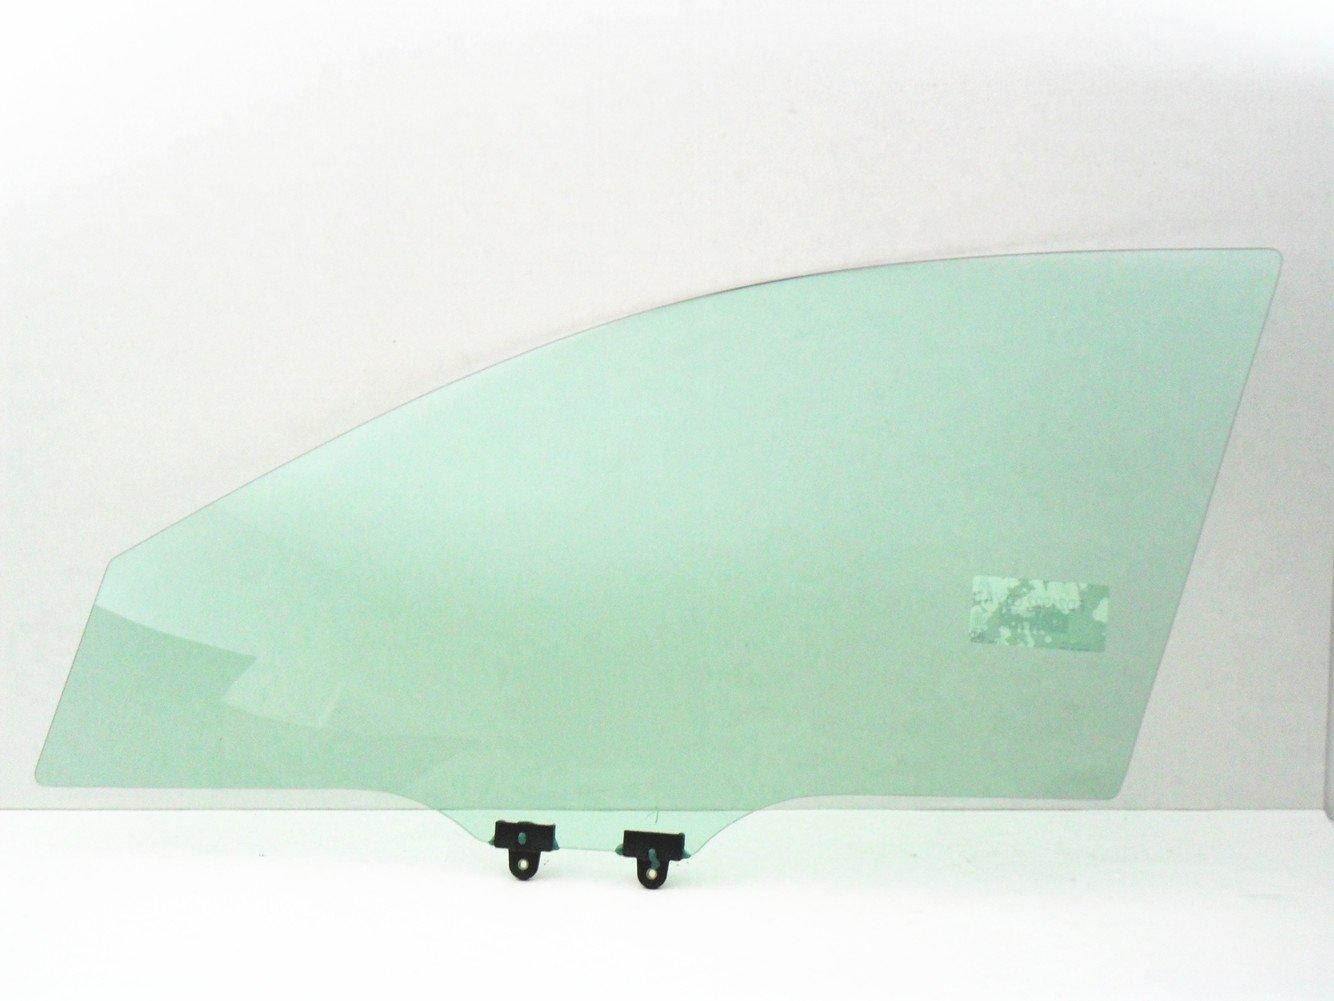 NAGD for 2004-2008 Acura TSX 4 Door Sedan Driver//Left Side Front Door Window Replacement Glass